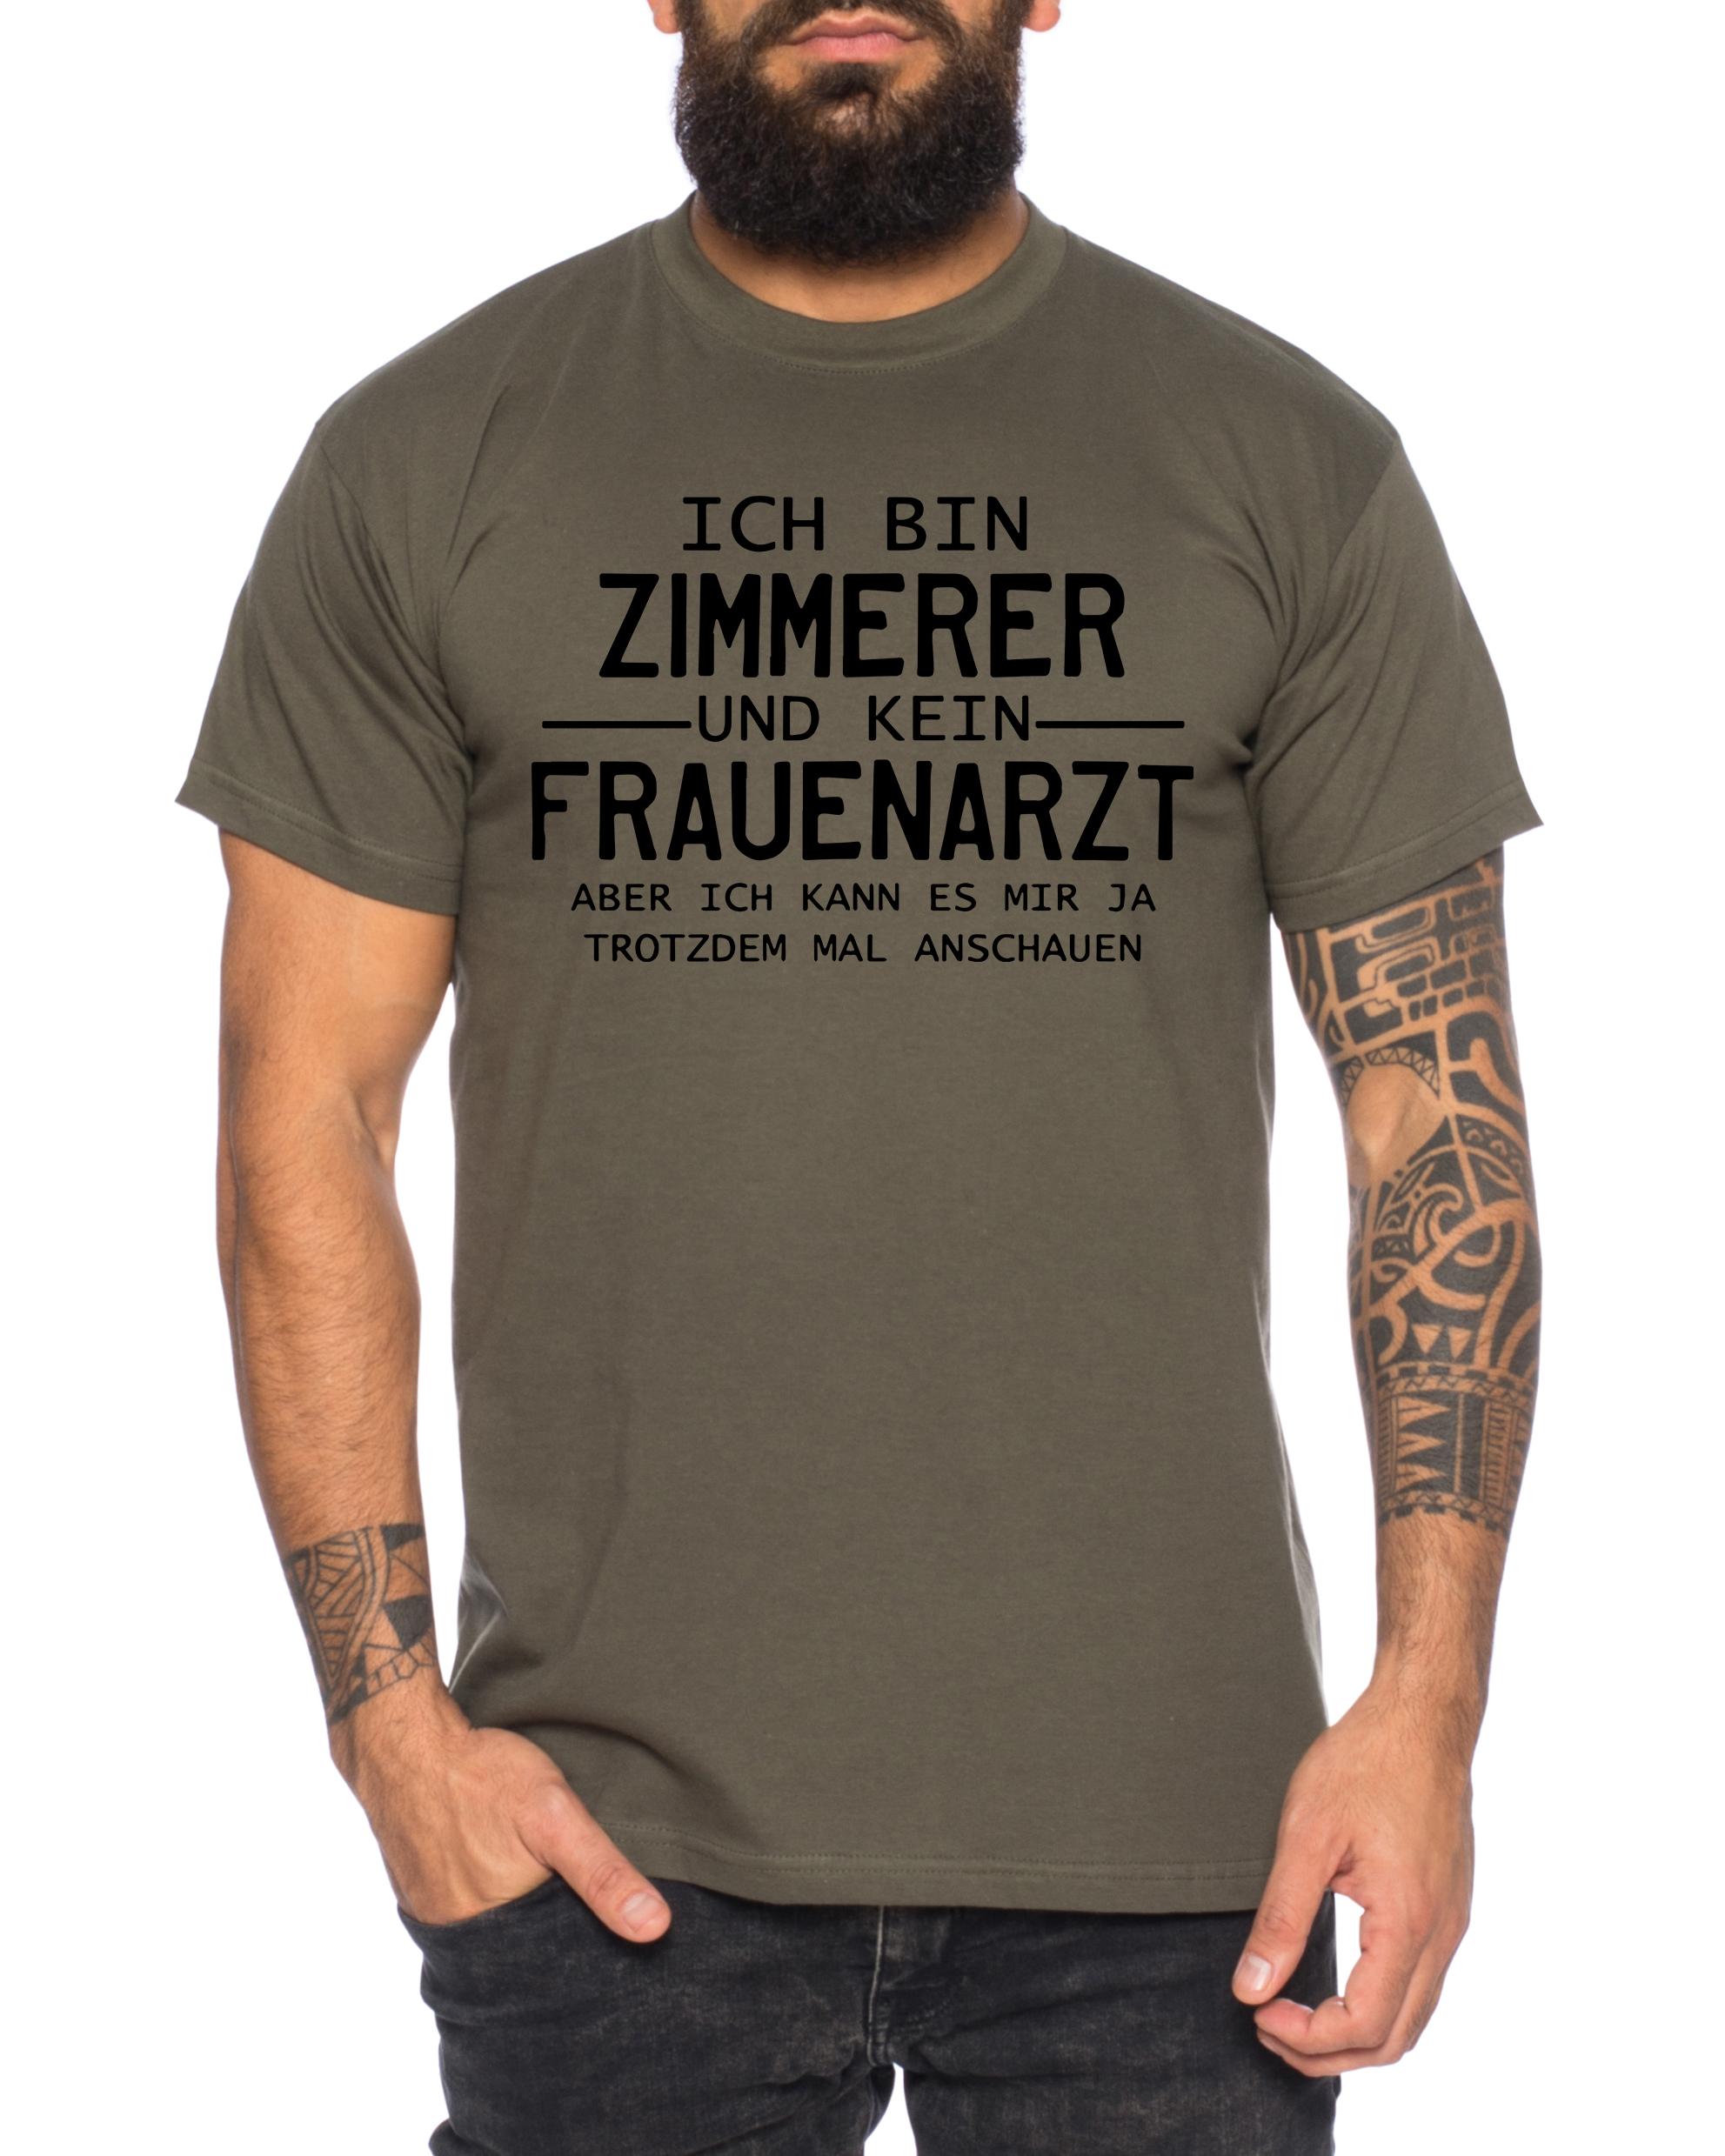 Zimmerer Herren T-Shirt Cooles lustiges Fun Shirt ...